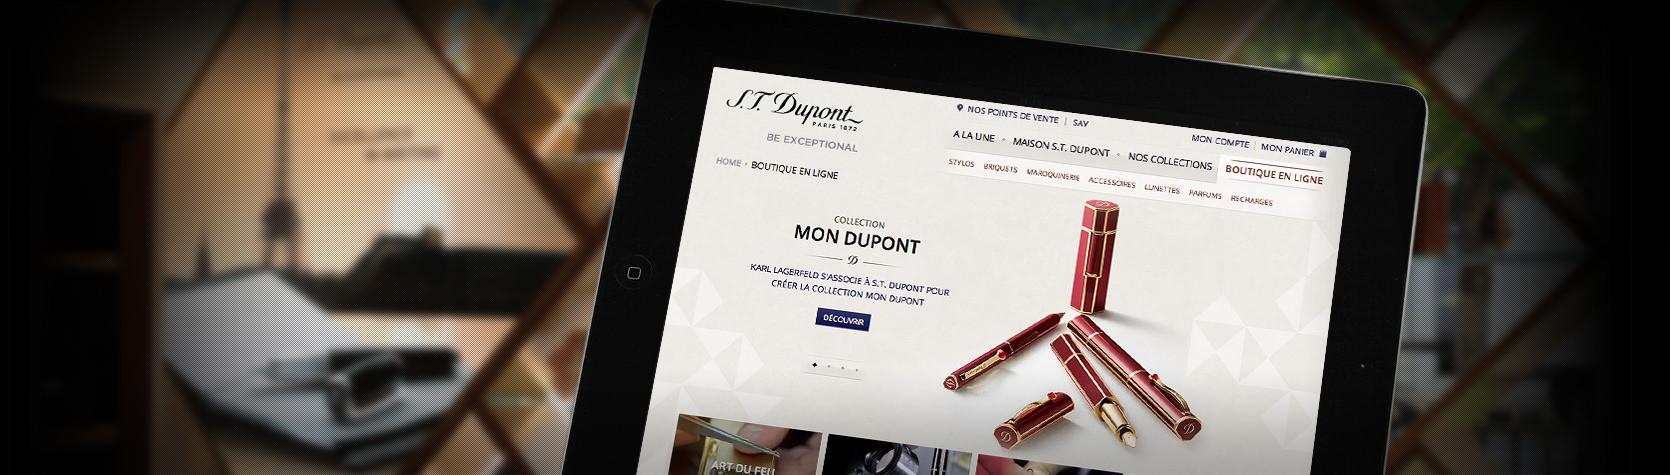 Création du site E-Commerce Magento S.T. Dupont par l'Agence Dn'D